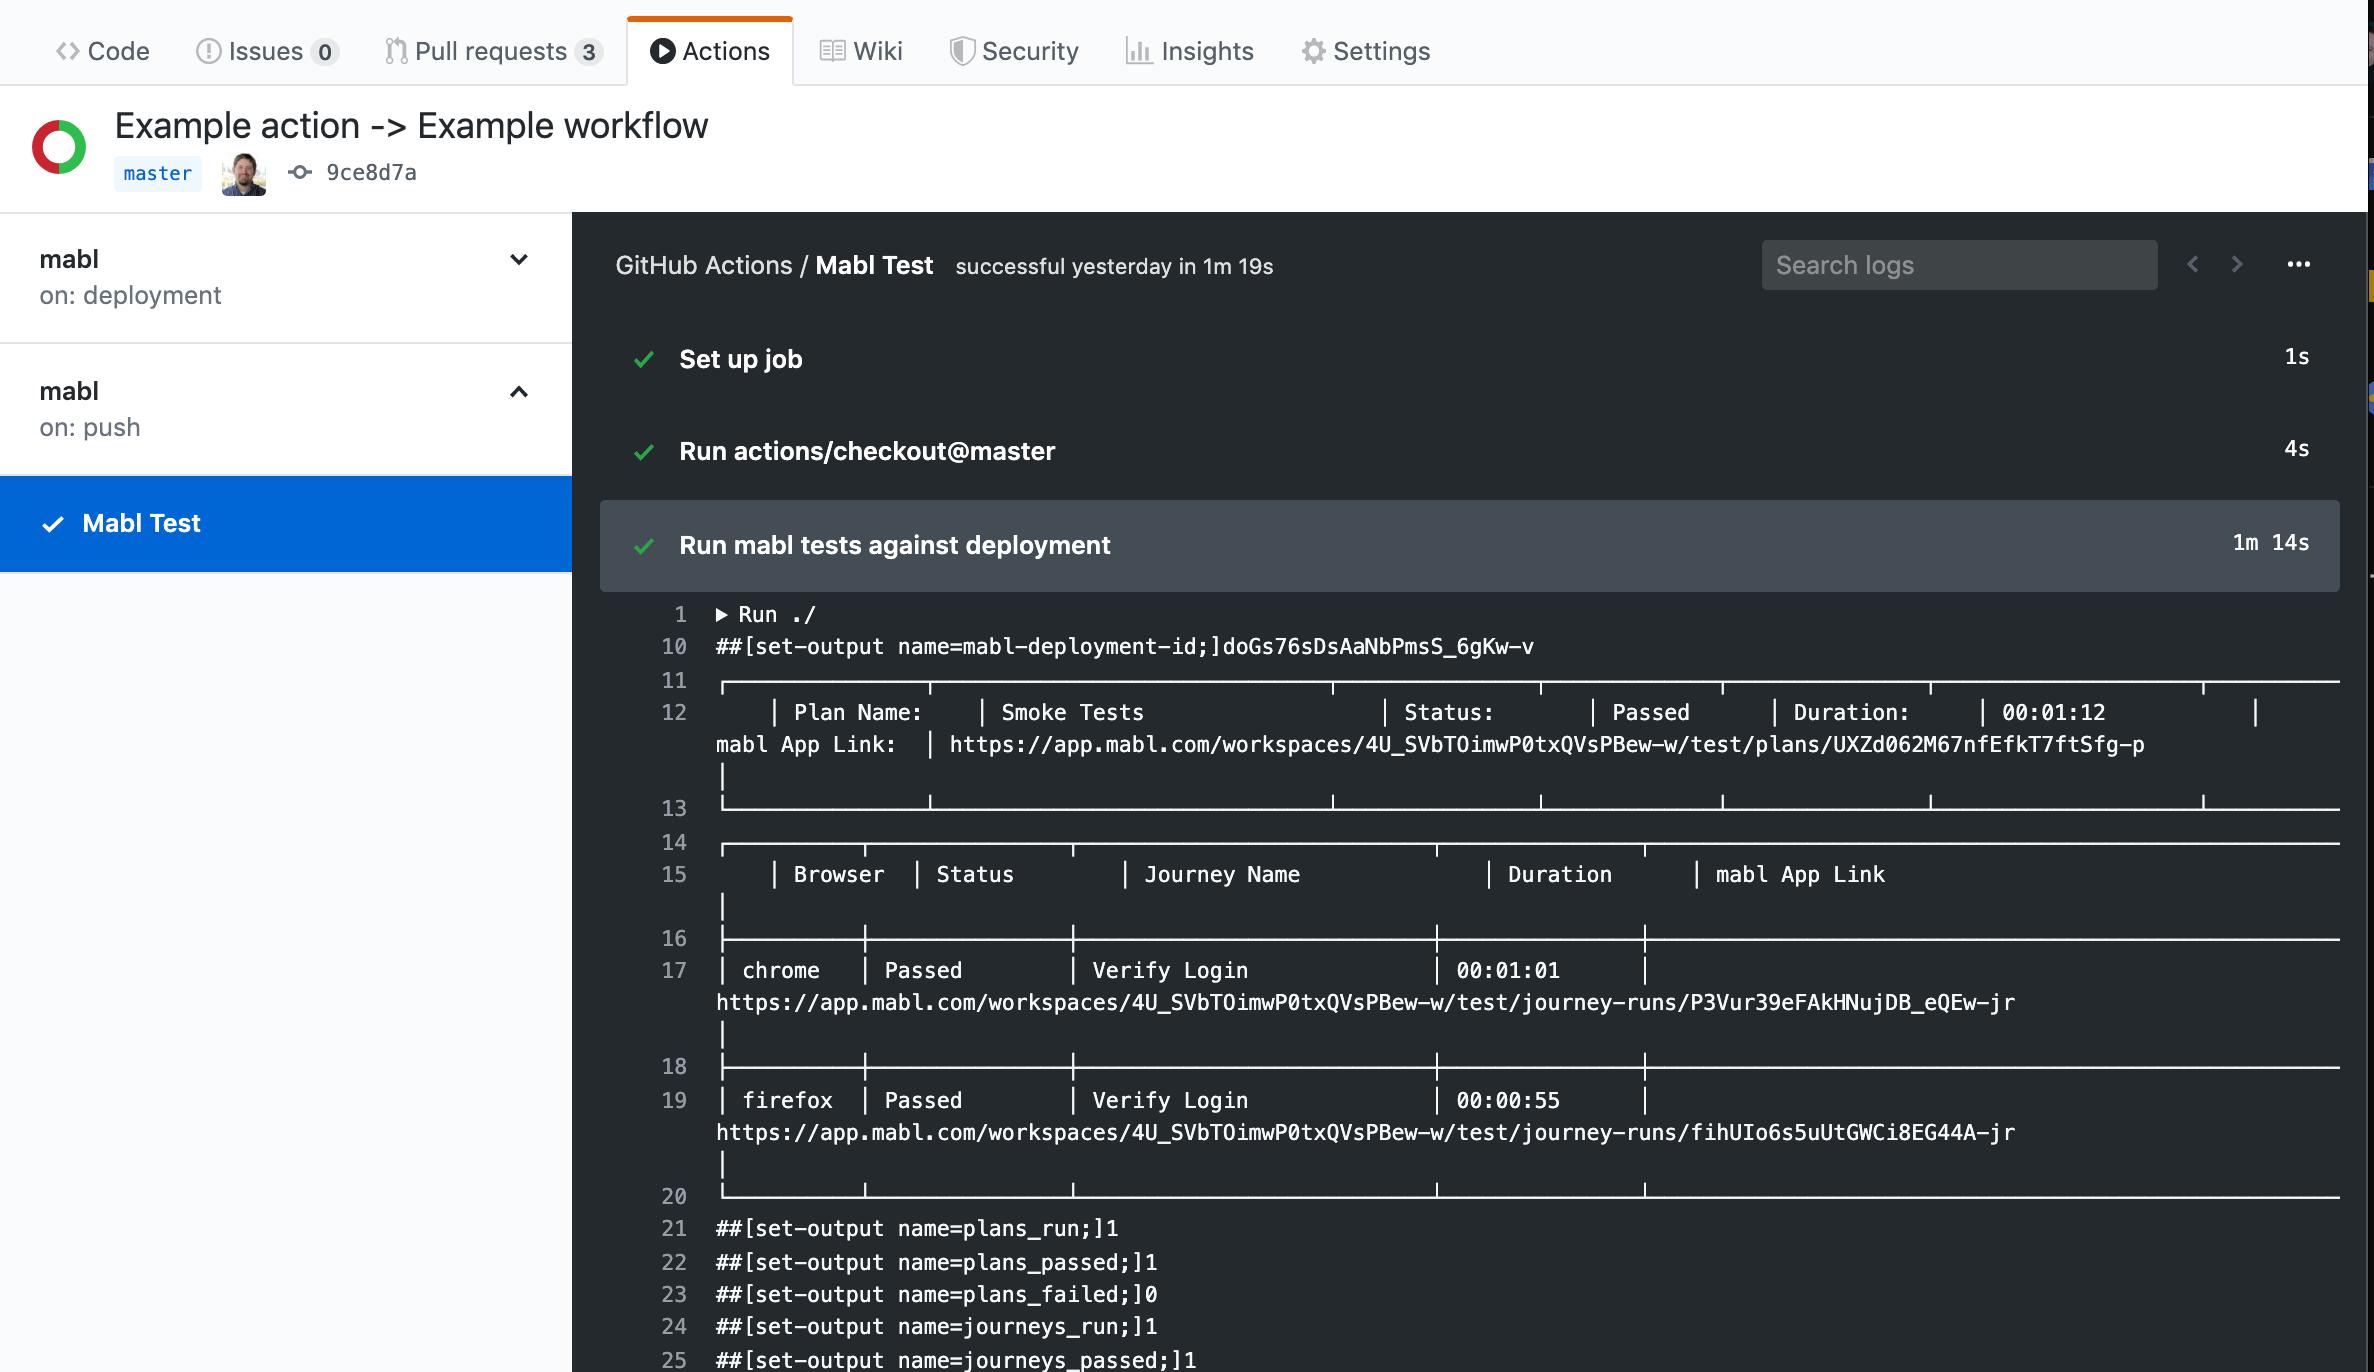 Run mabl tests GitHub Action